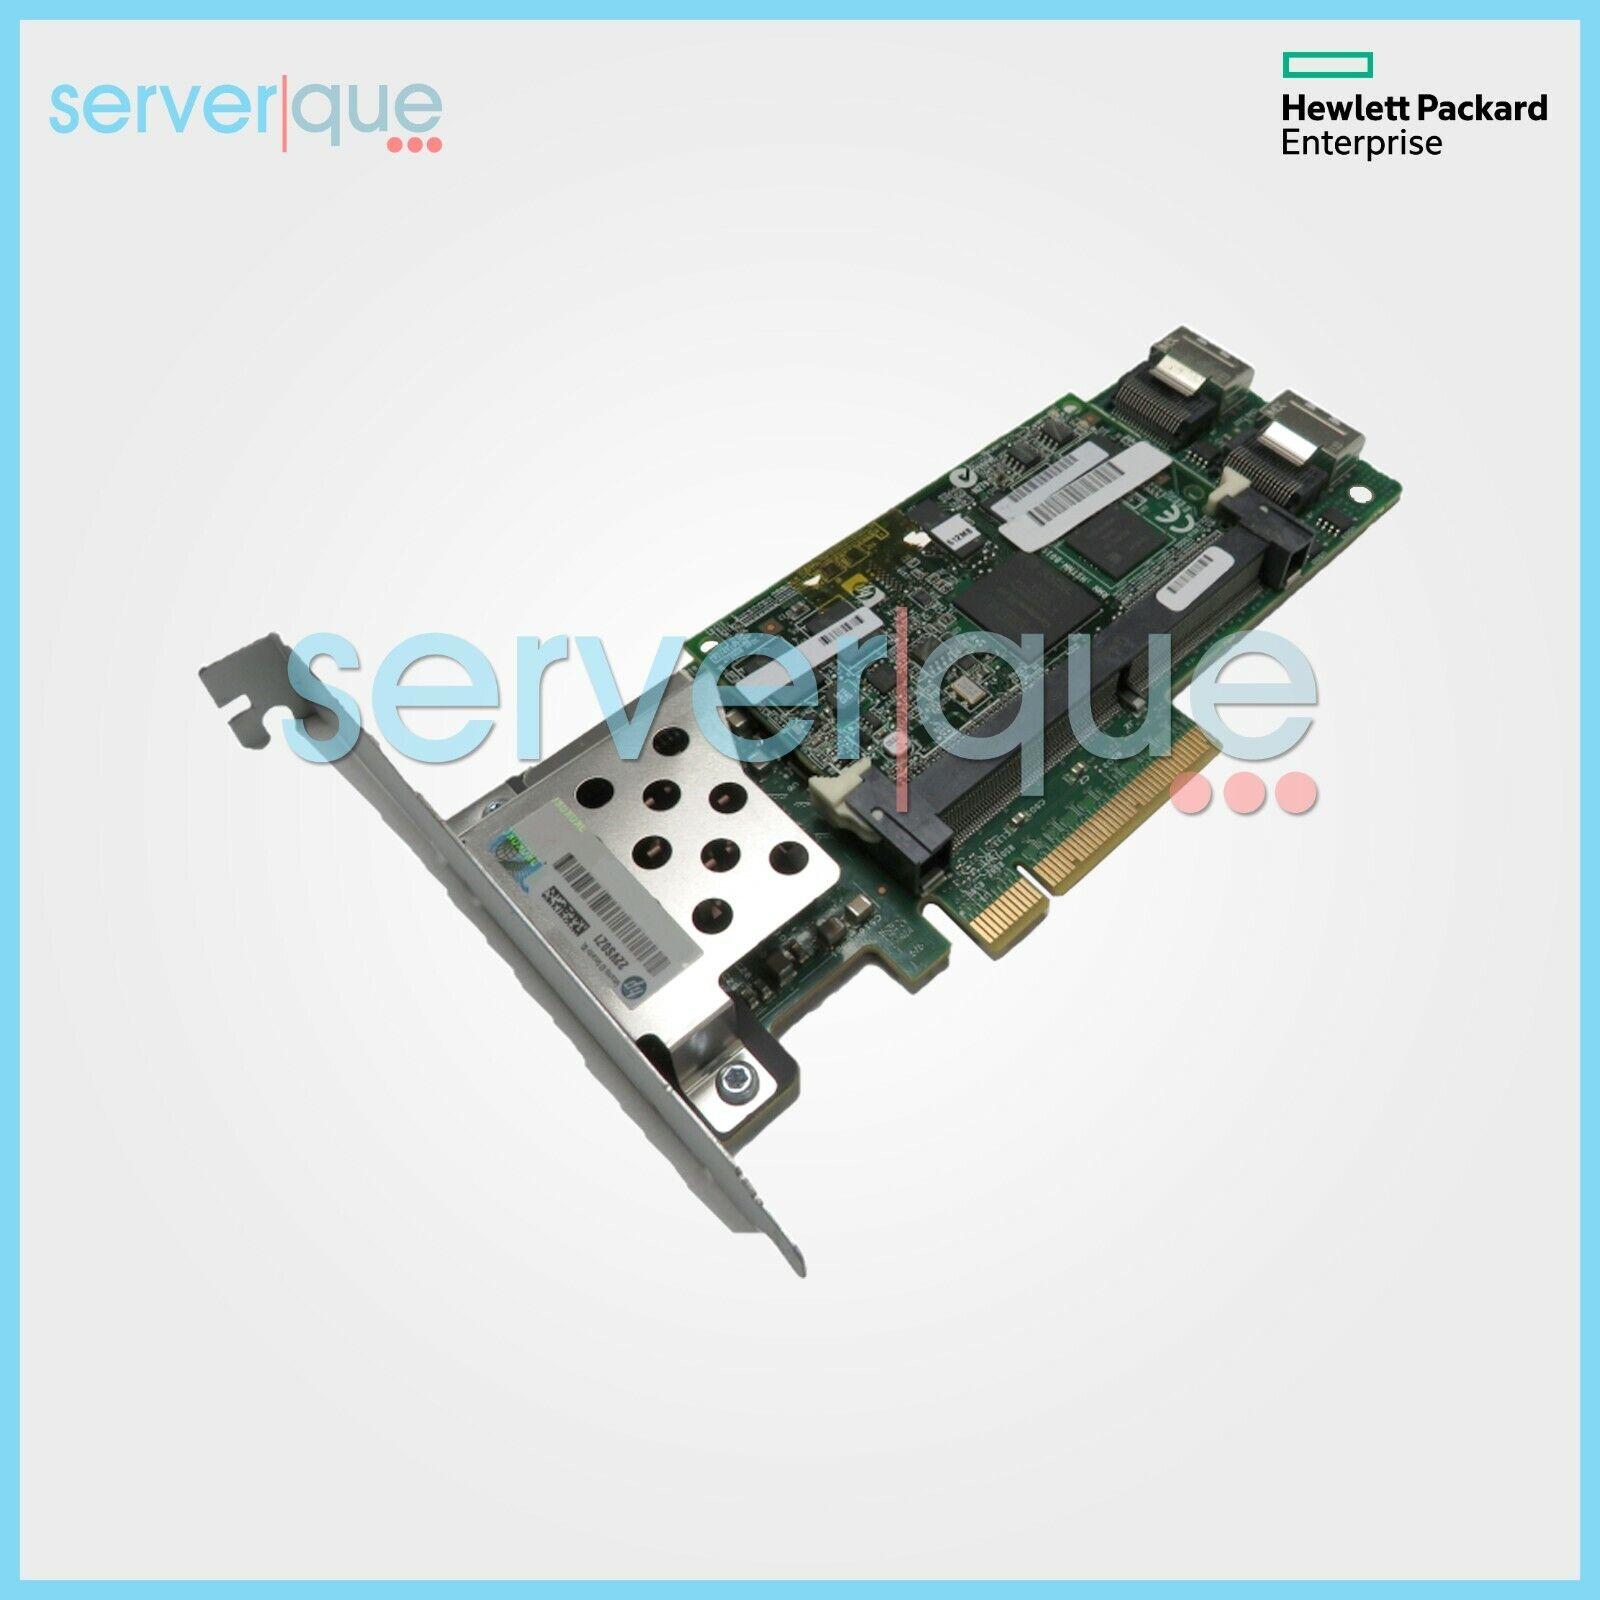 Serial ATA//150 Serial Attached SCSI Smart Array P410 SAS RAID Controller PCI Express 2.0 x8 Hewlett-Packard 578230-B21 Plug-in Card HP